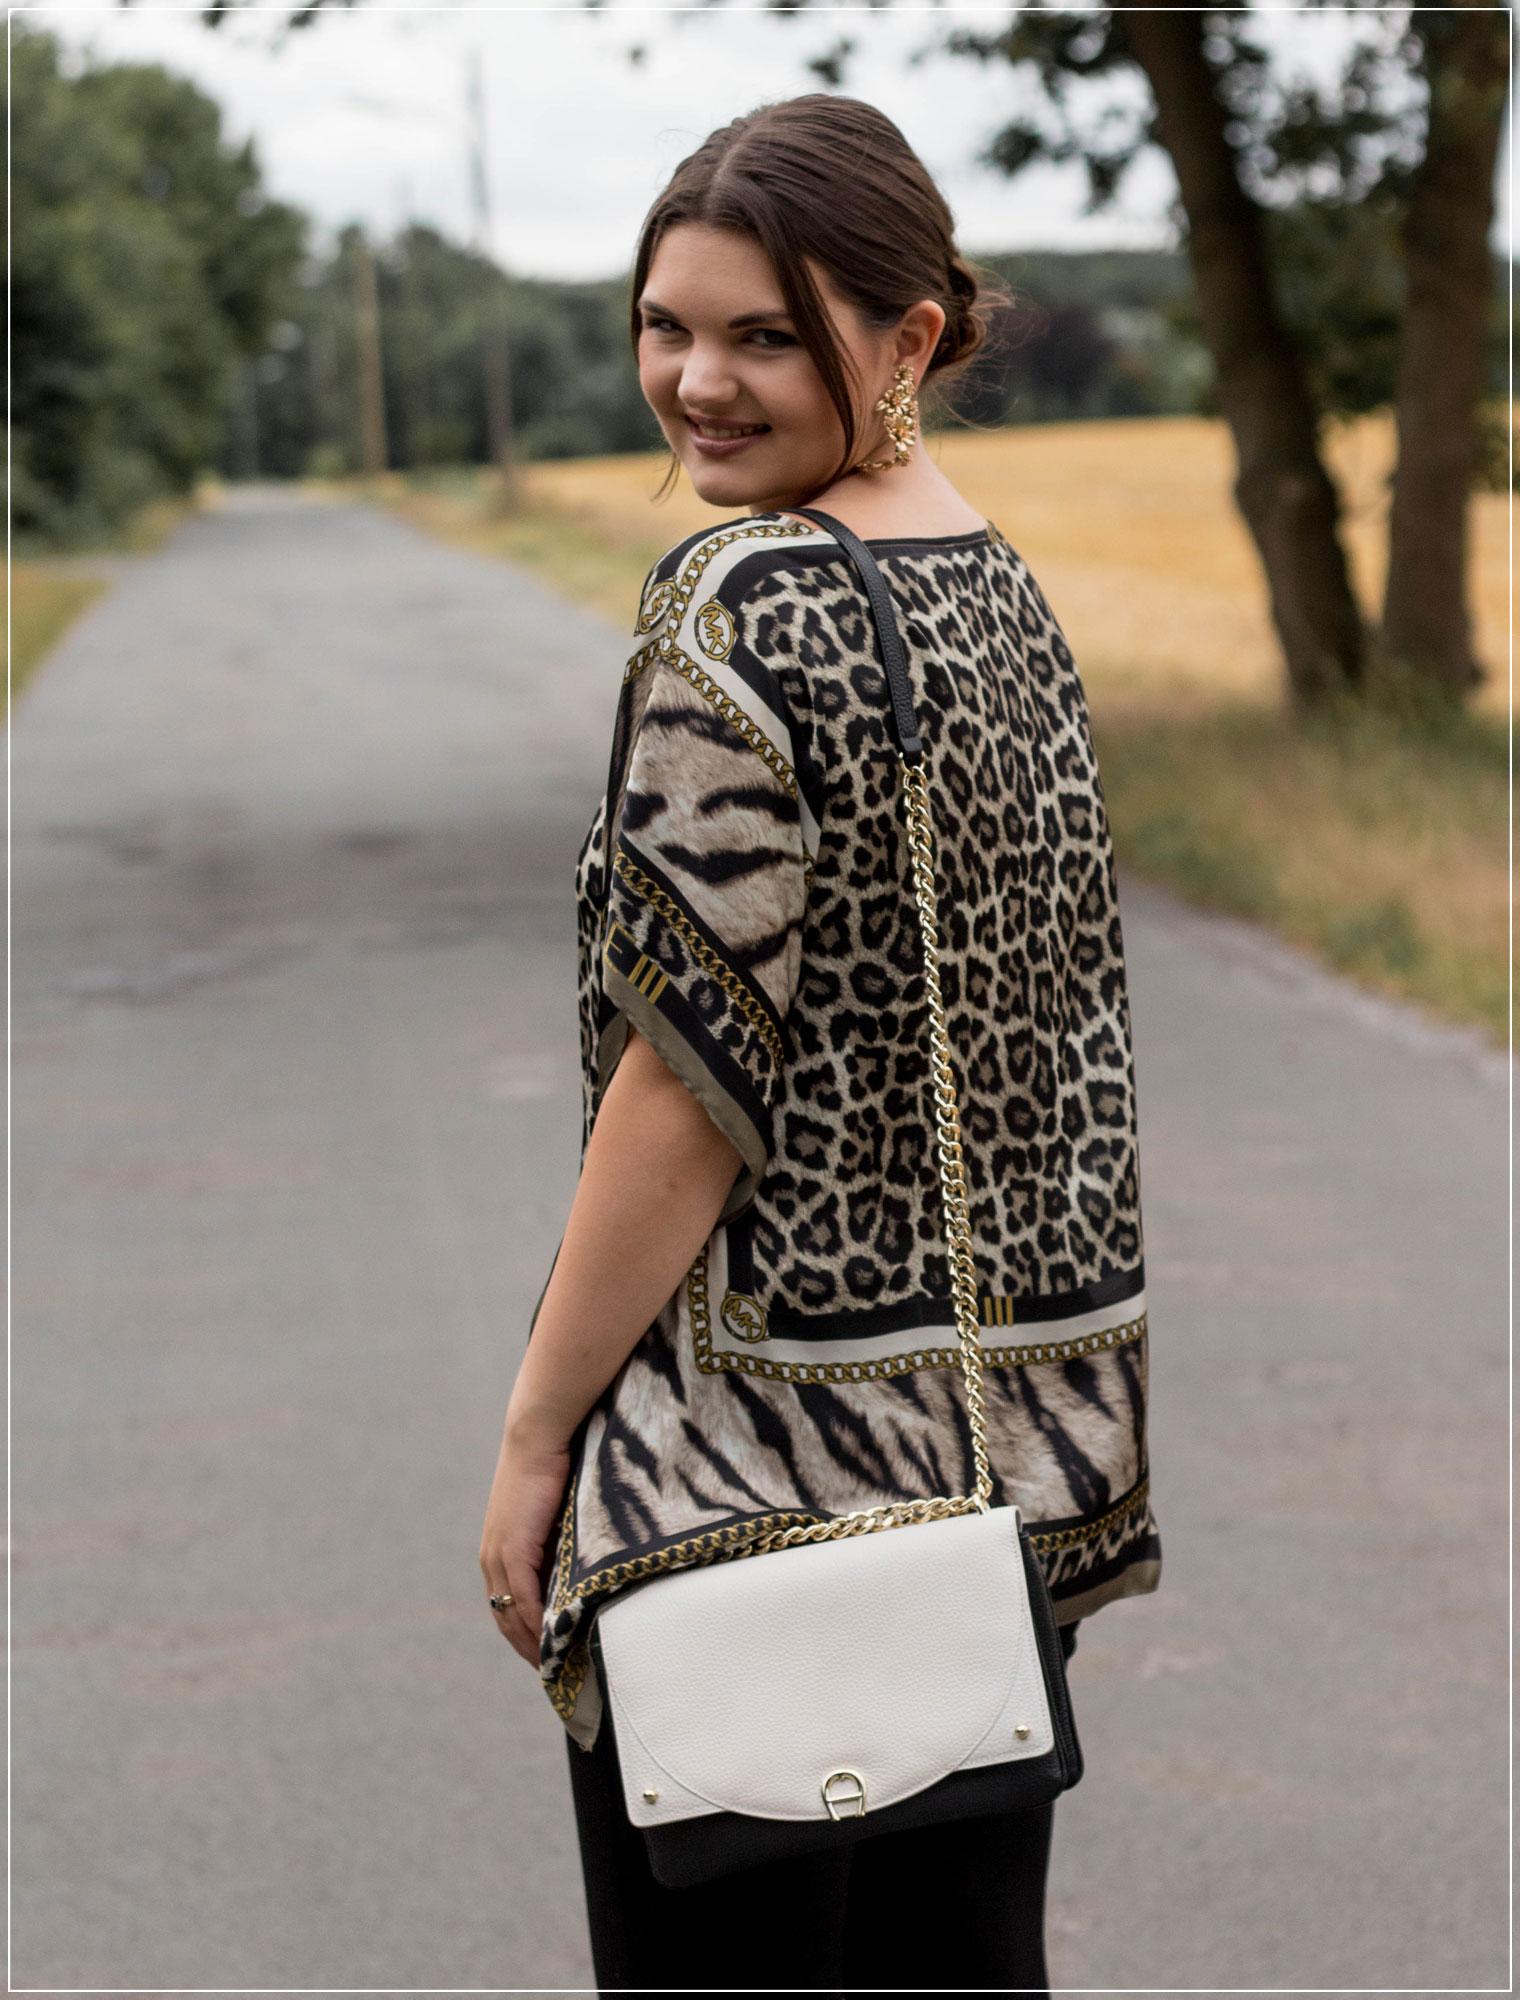 Handtaschen, Pflegetipps, Handtaschenpflege, Aufbewahrung, Fashionblog, Ruhrgebiet, Lederpflege, Tipps zur Handtaschenpflege